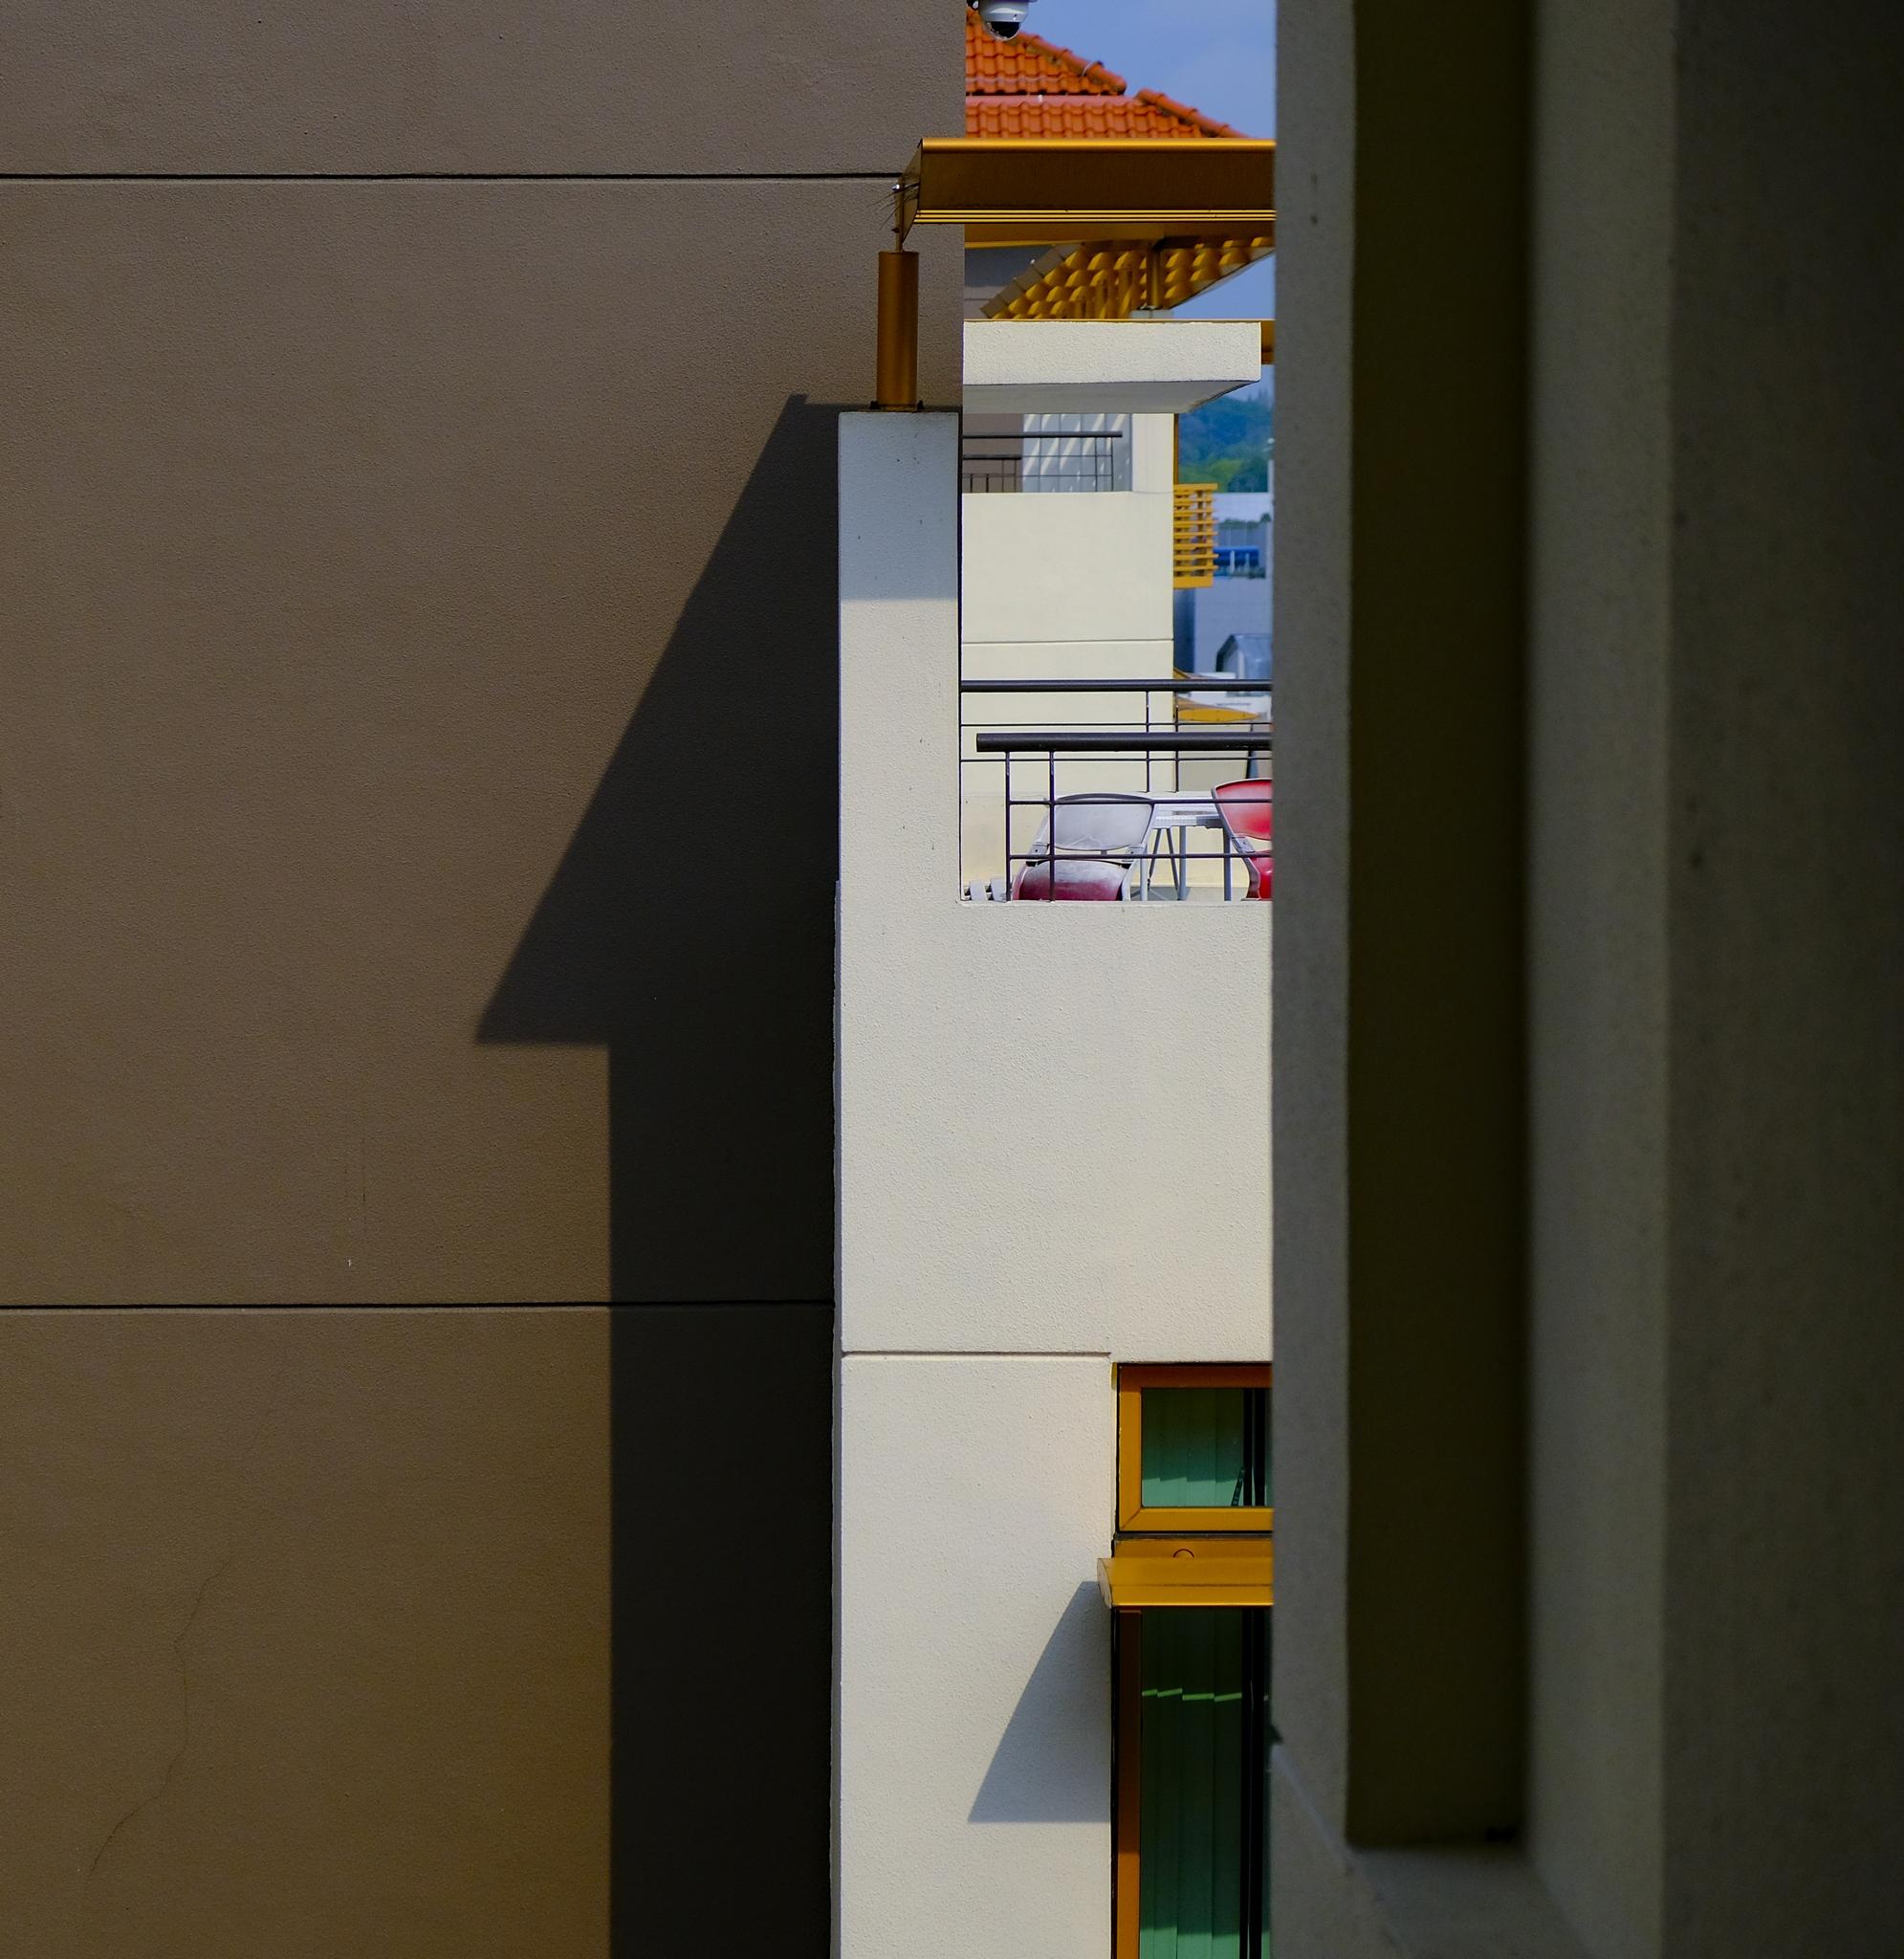 32. corners_and_shadow